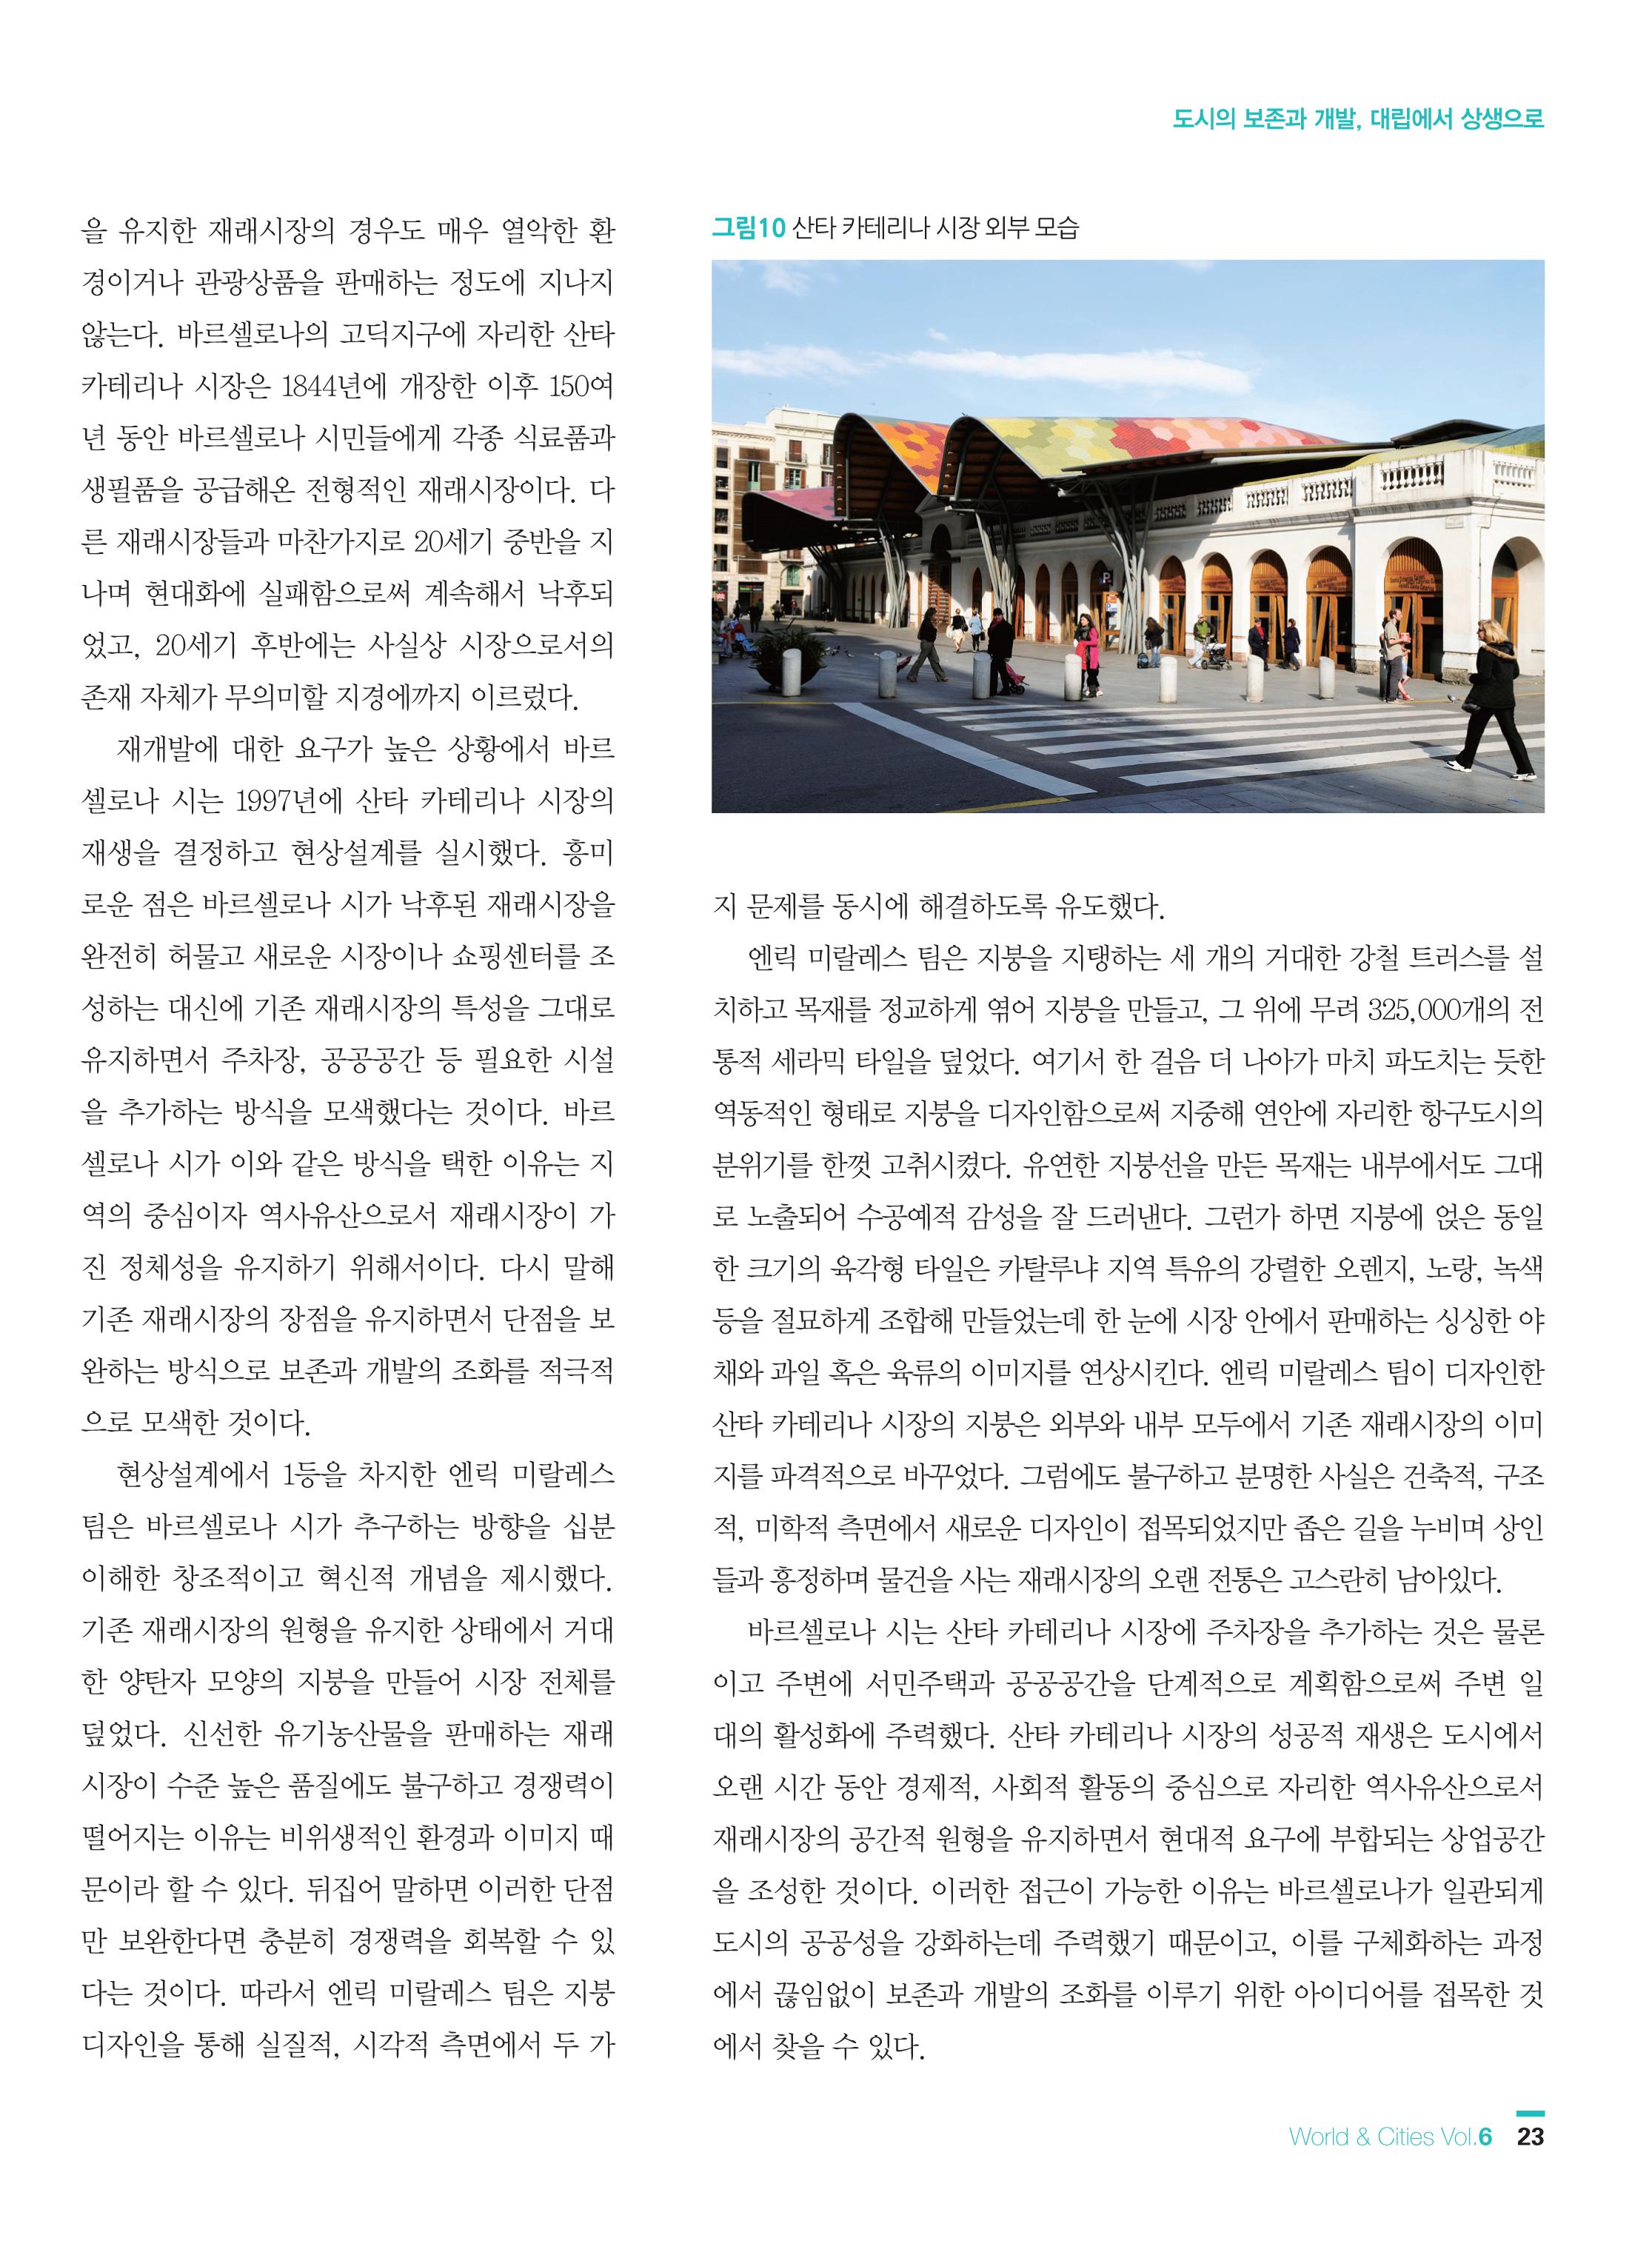 세계와도시 6호 컬러 특집1 -8.jpg